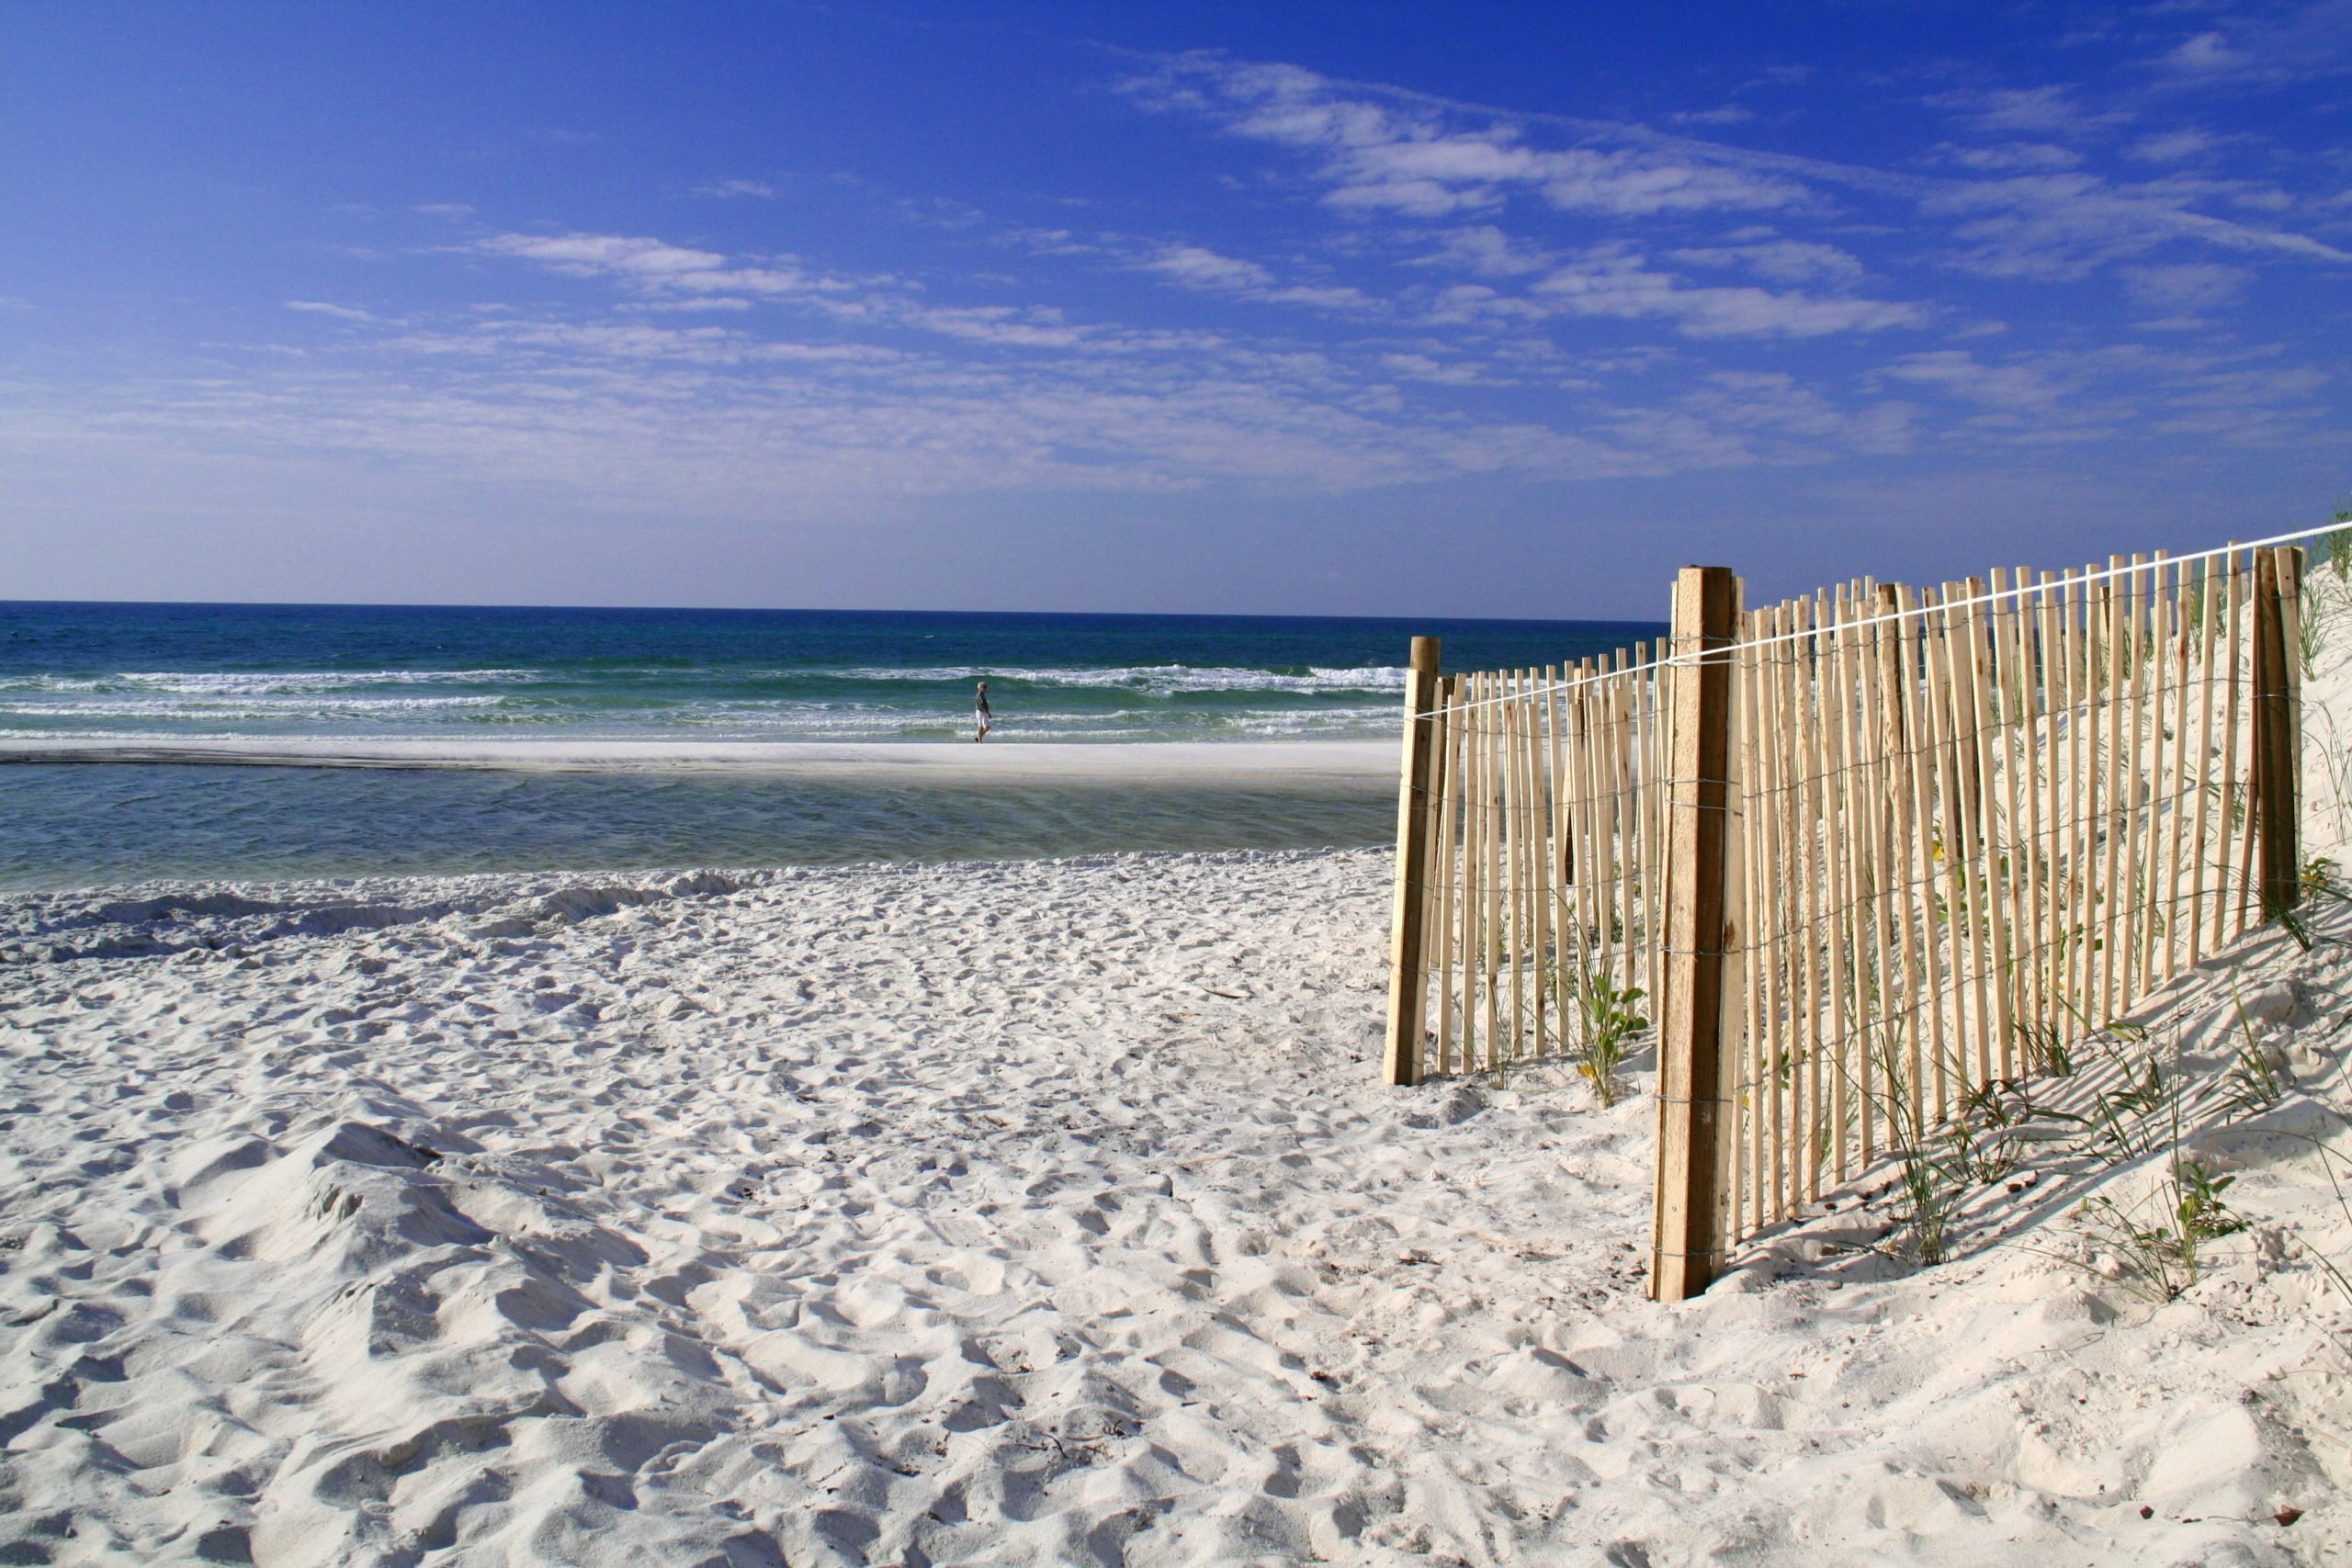 South Walton Beach, Florida